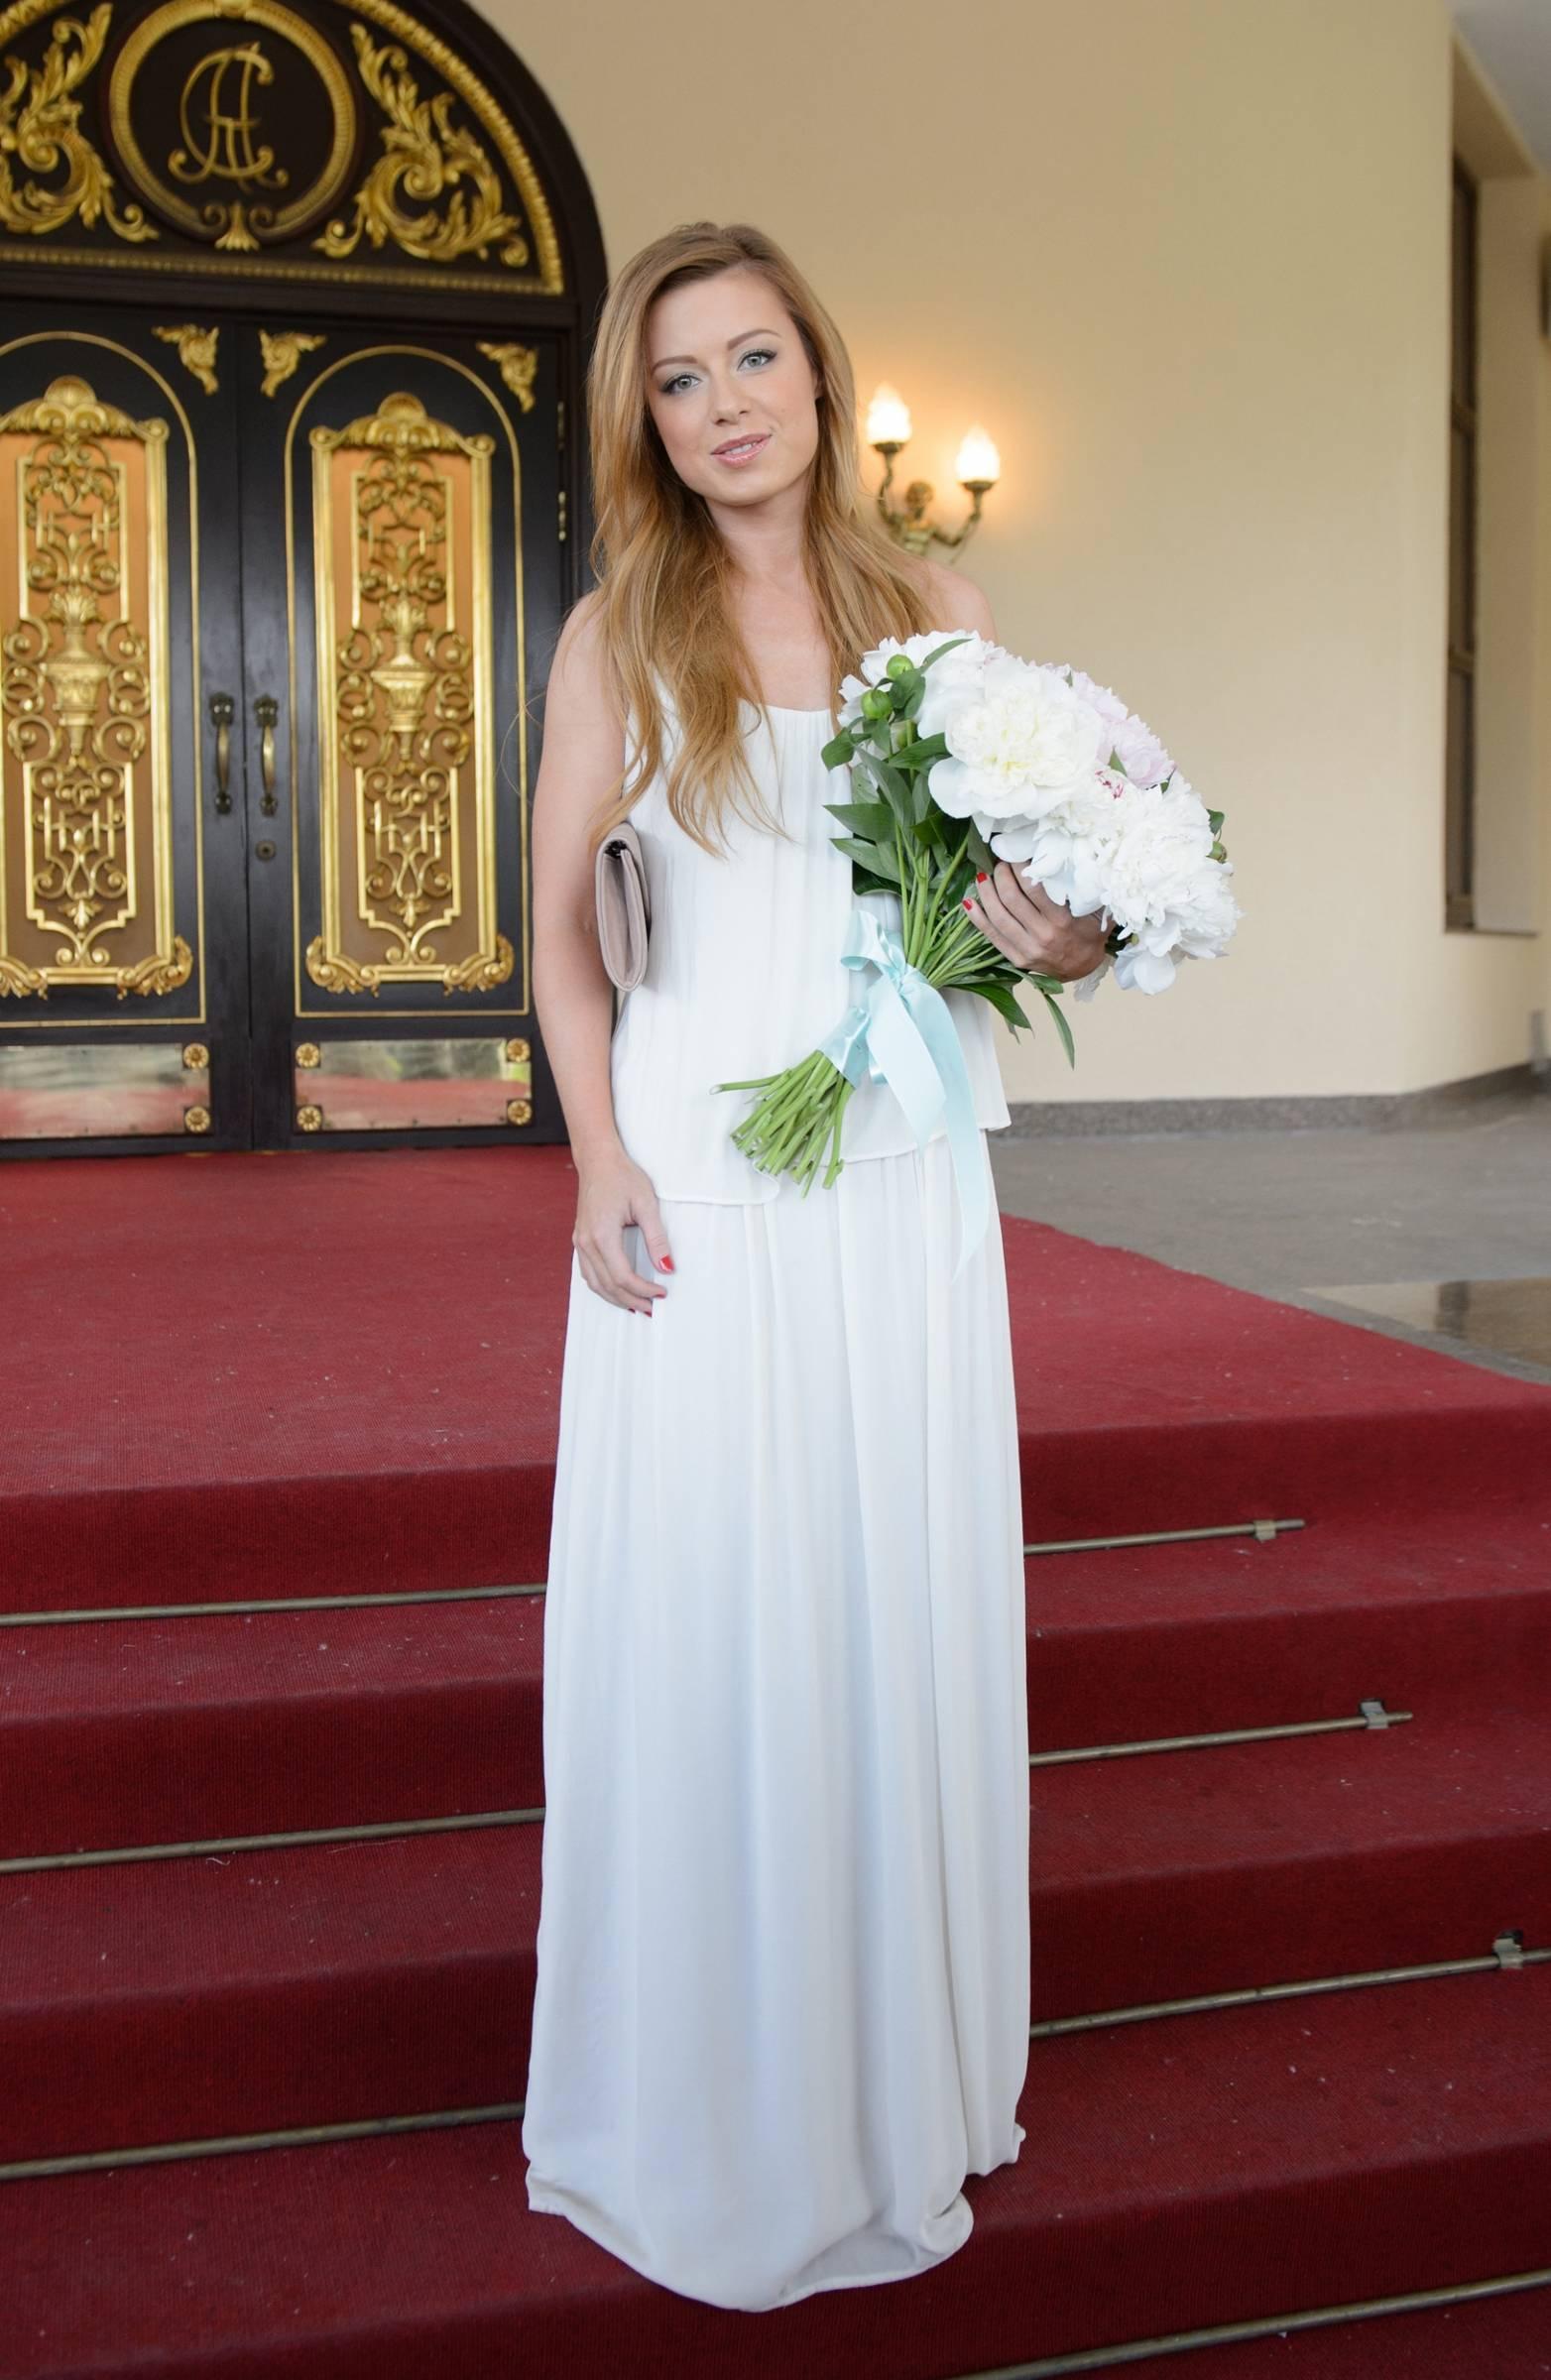 недавнего свадьба савичевой фото со свадьбы можно